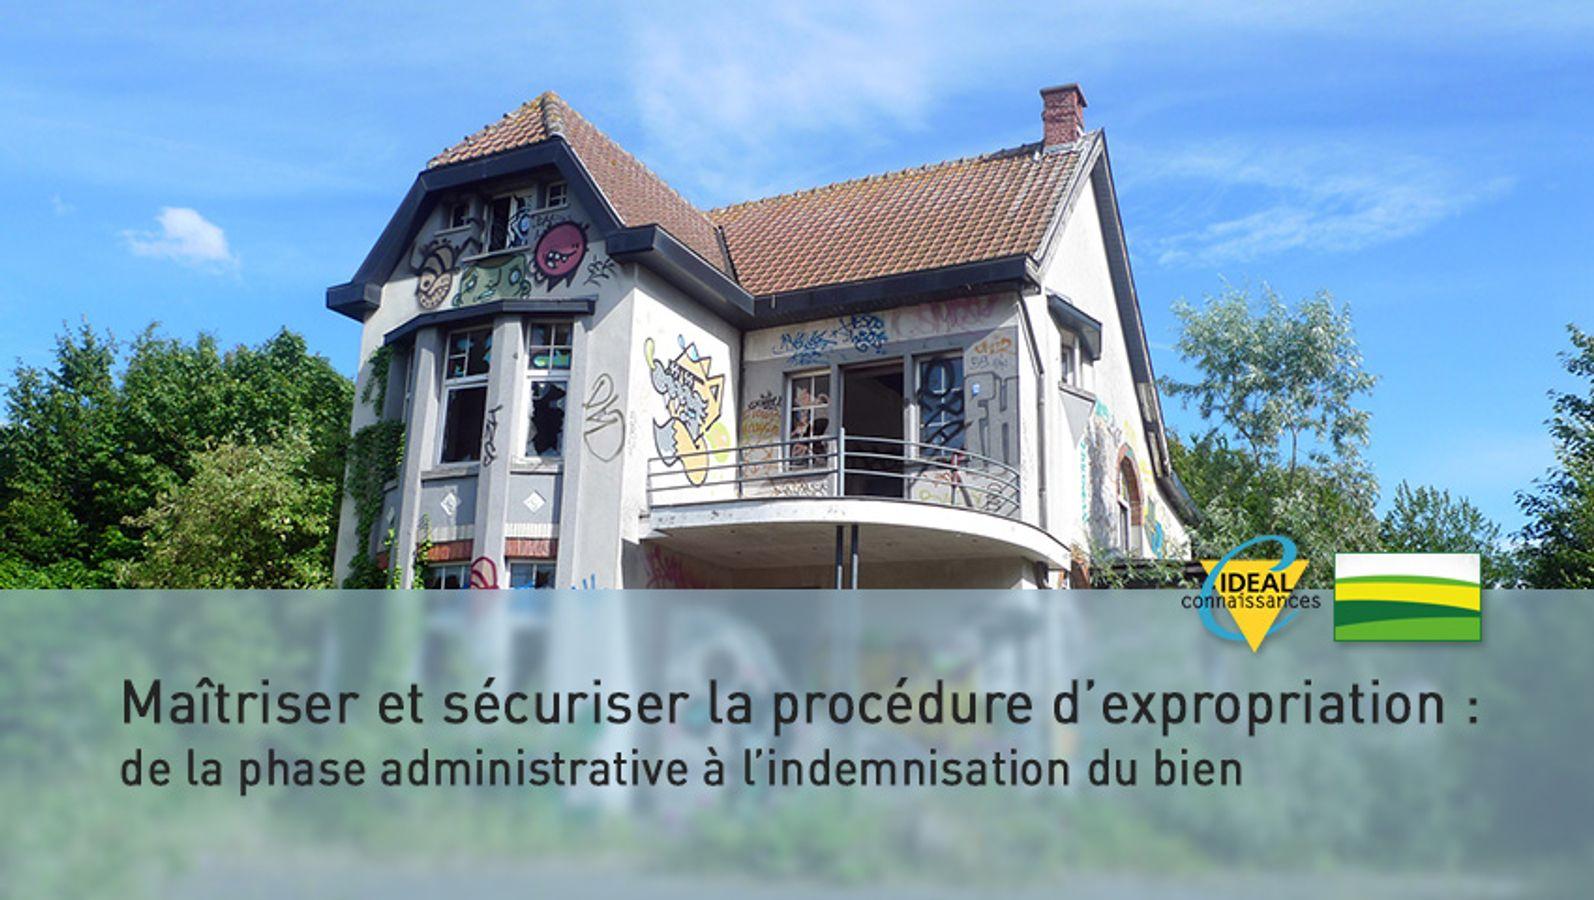 Maîtriser et sécuriser la procédure d'expropriation : de la phase administrative à l'indemnisation du bien